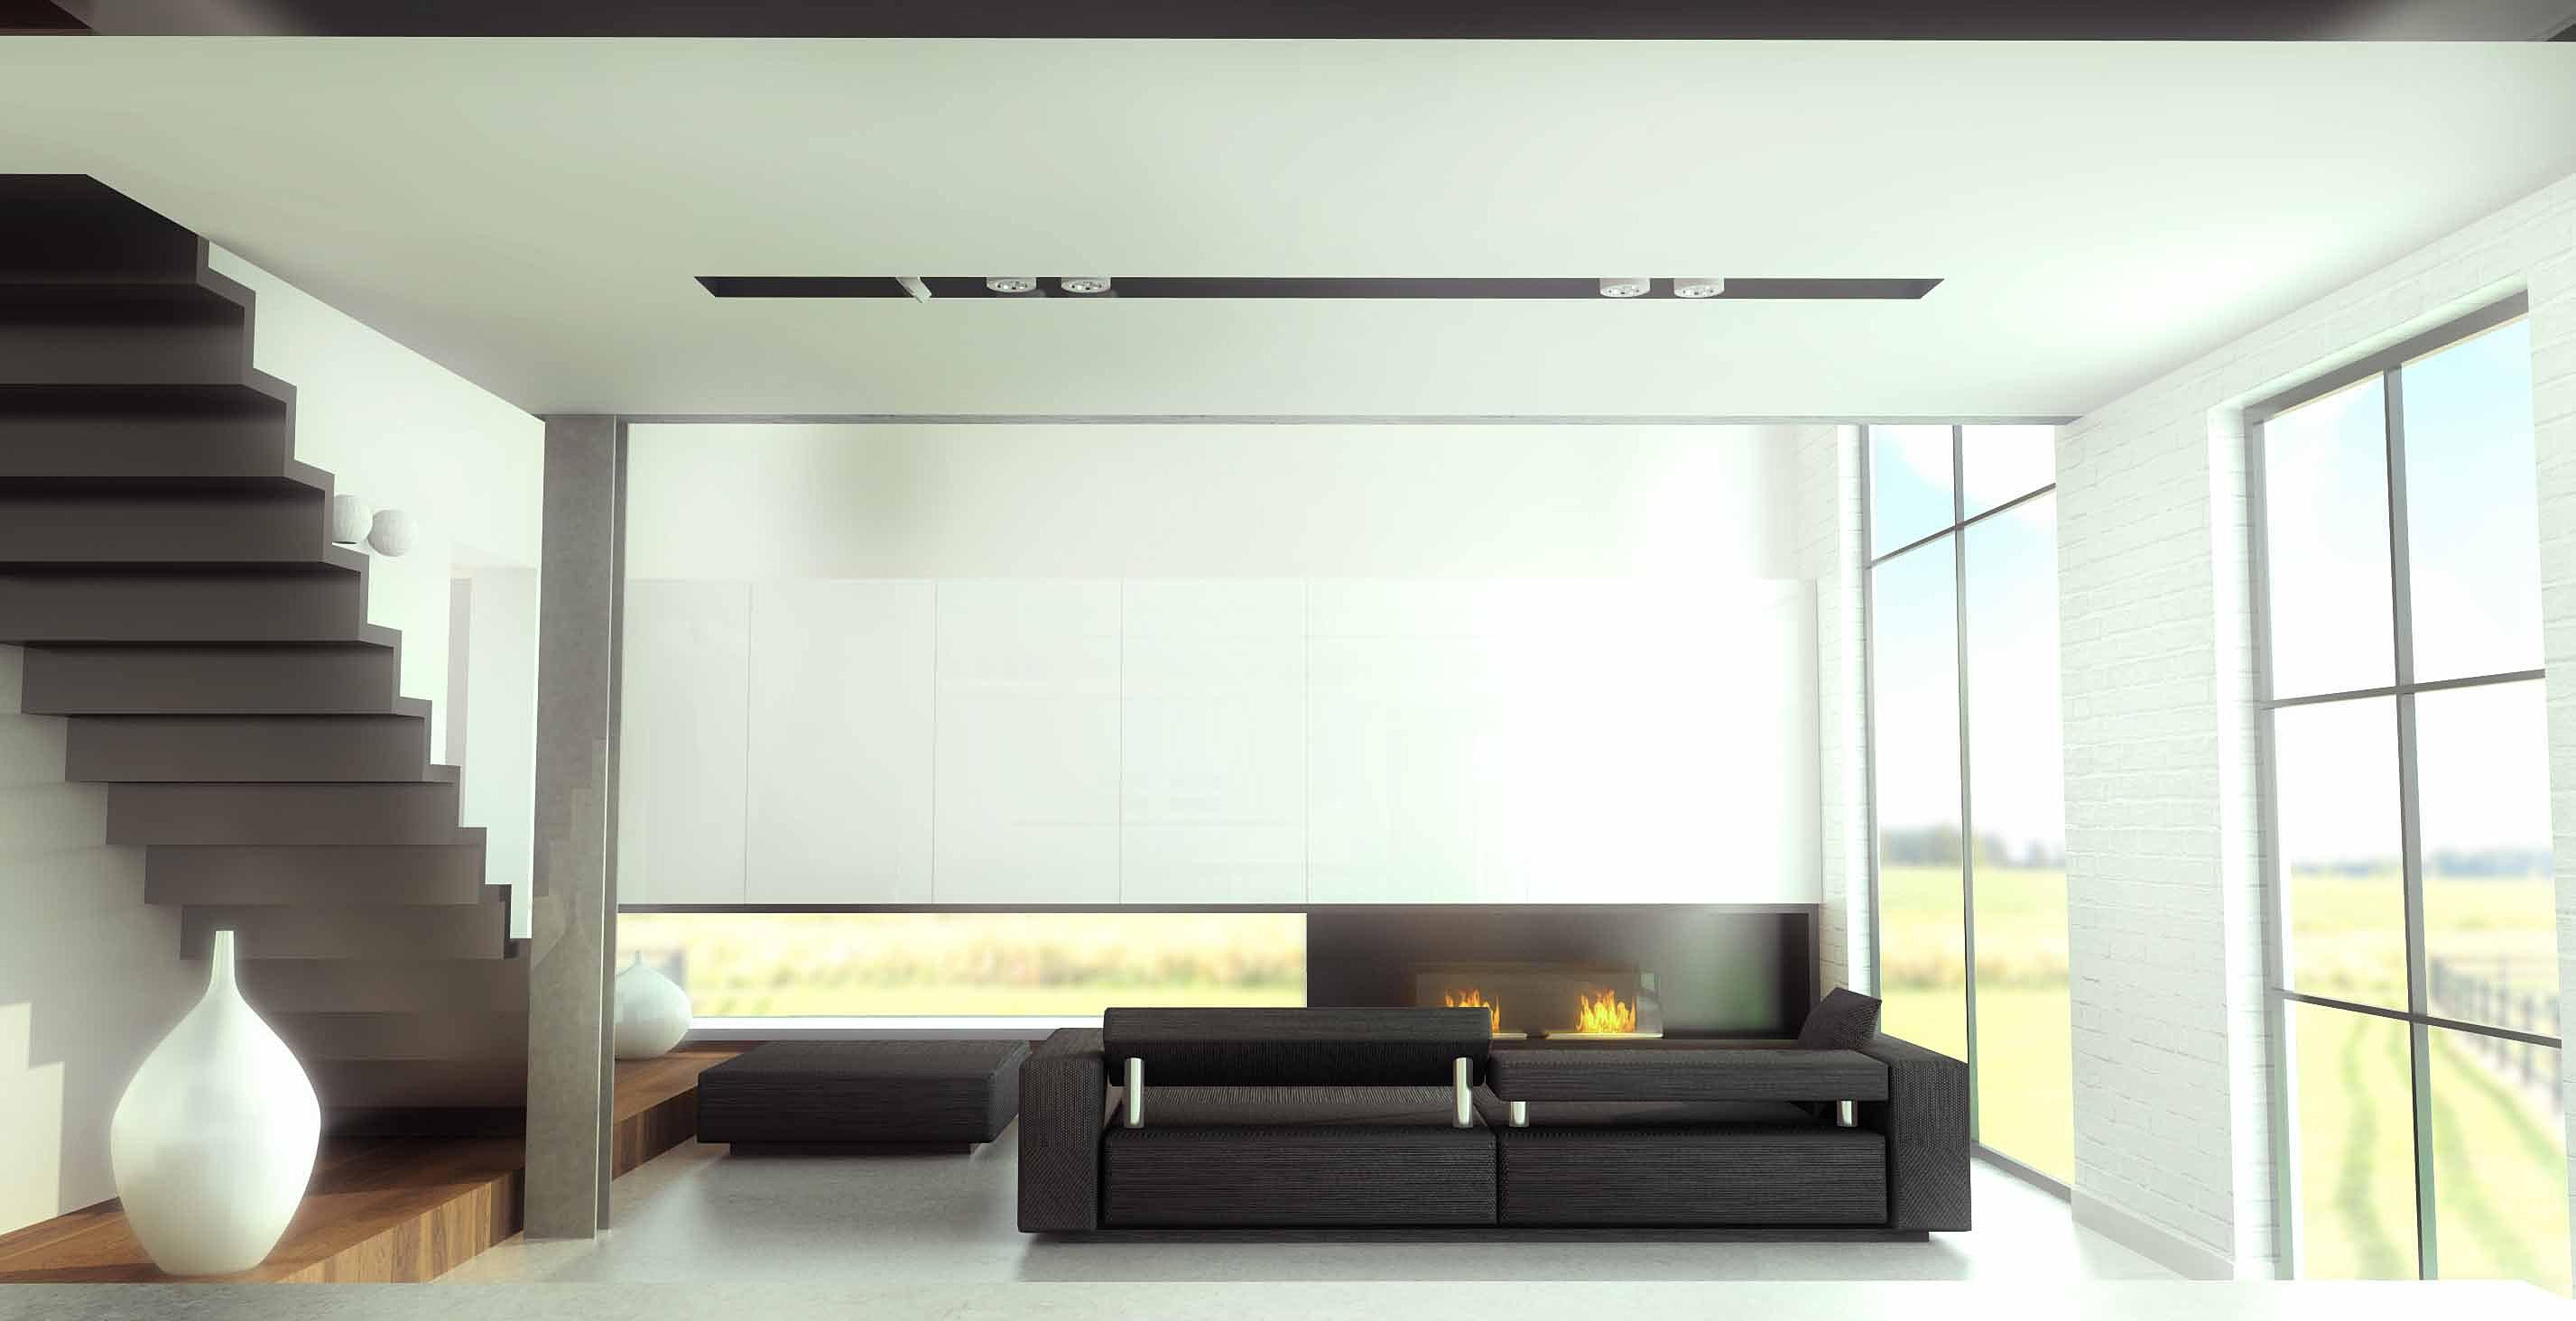 Wils elke interieur nieuwbouw en renovatie lichtplan for Interieur modern